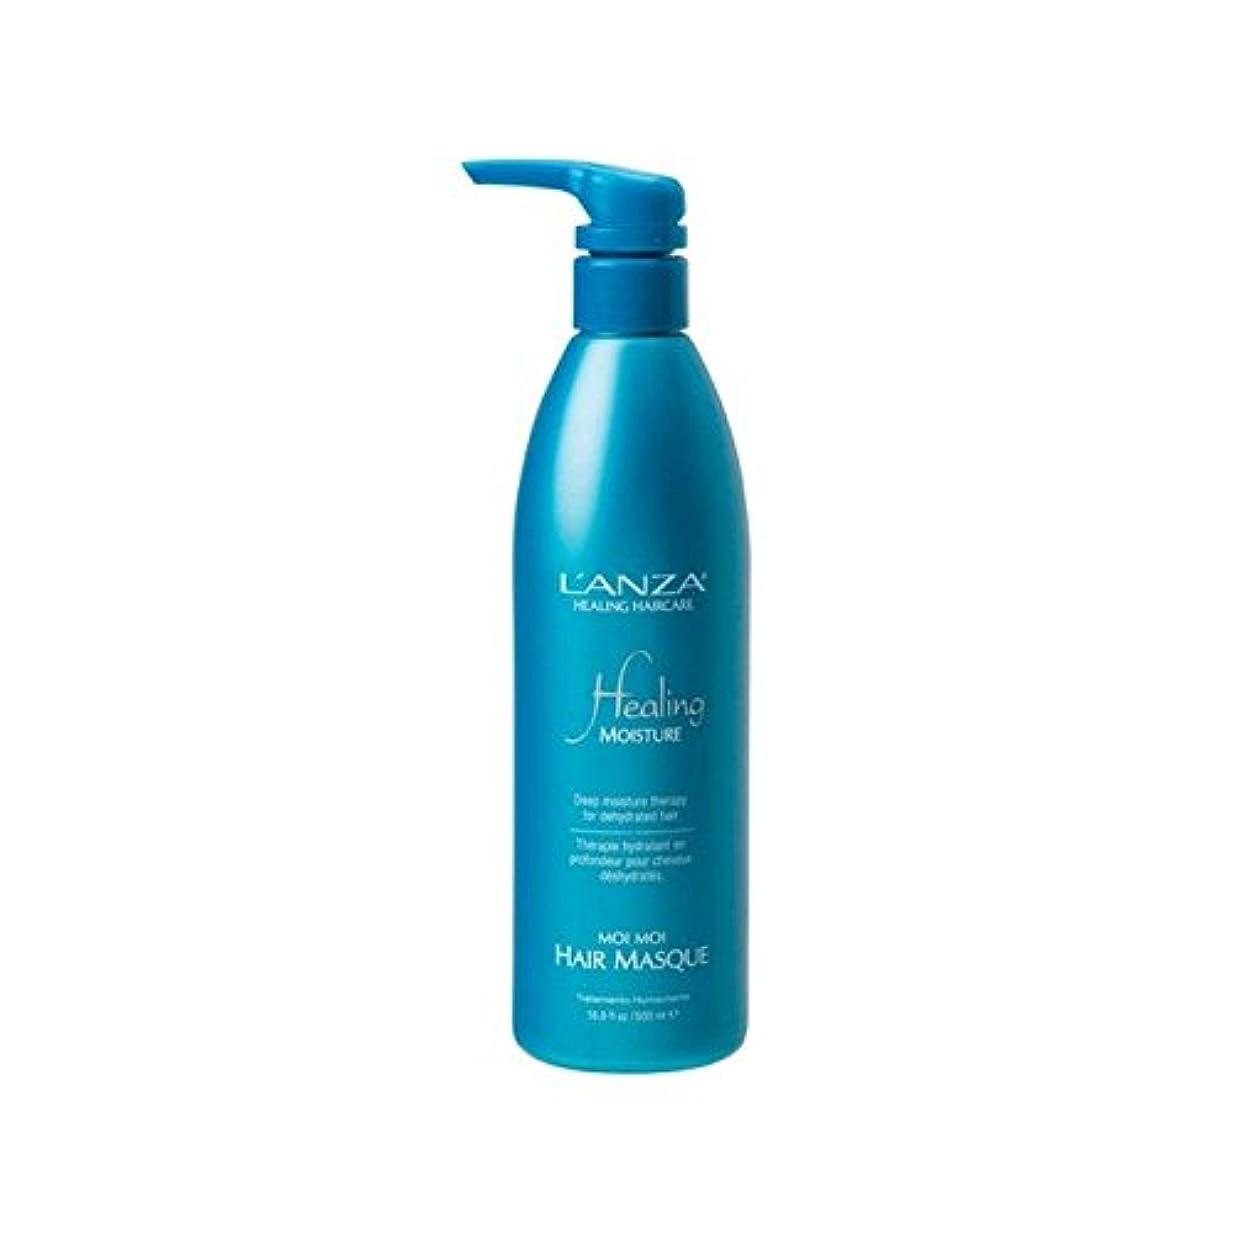 枯渇する本会議研磨剤アンザ癒しの水分モイモイヘア仮面劇(500ミリリットル) x2 - L'Anza Healing Moisture Moi Moi Hair Masque (500ml) (Pack of 2) [並行輸入品]